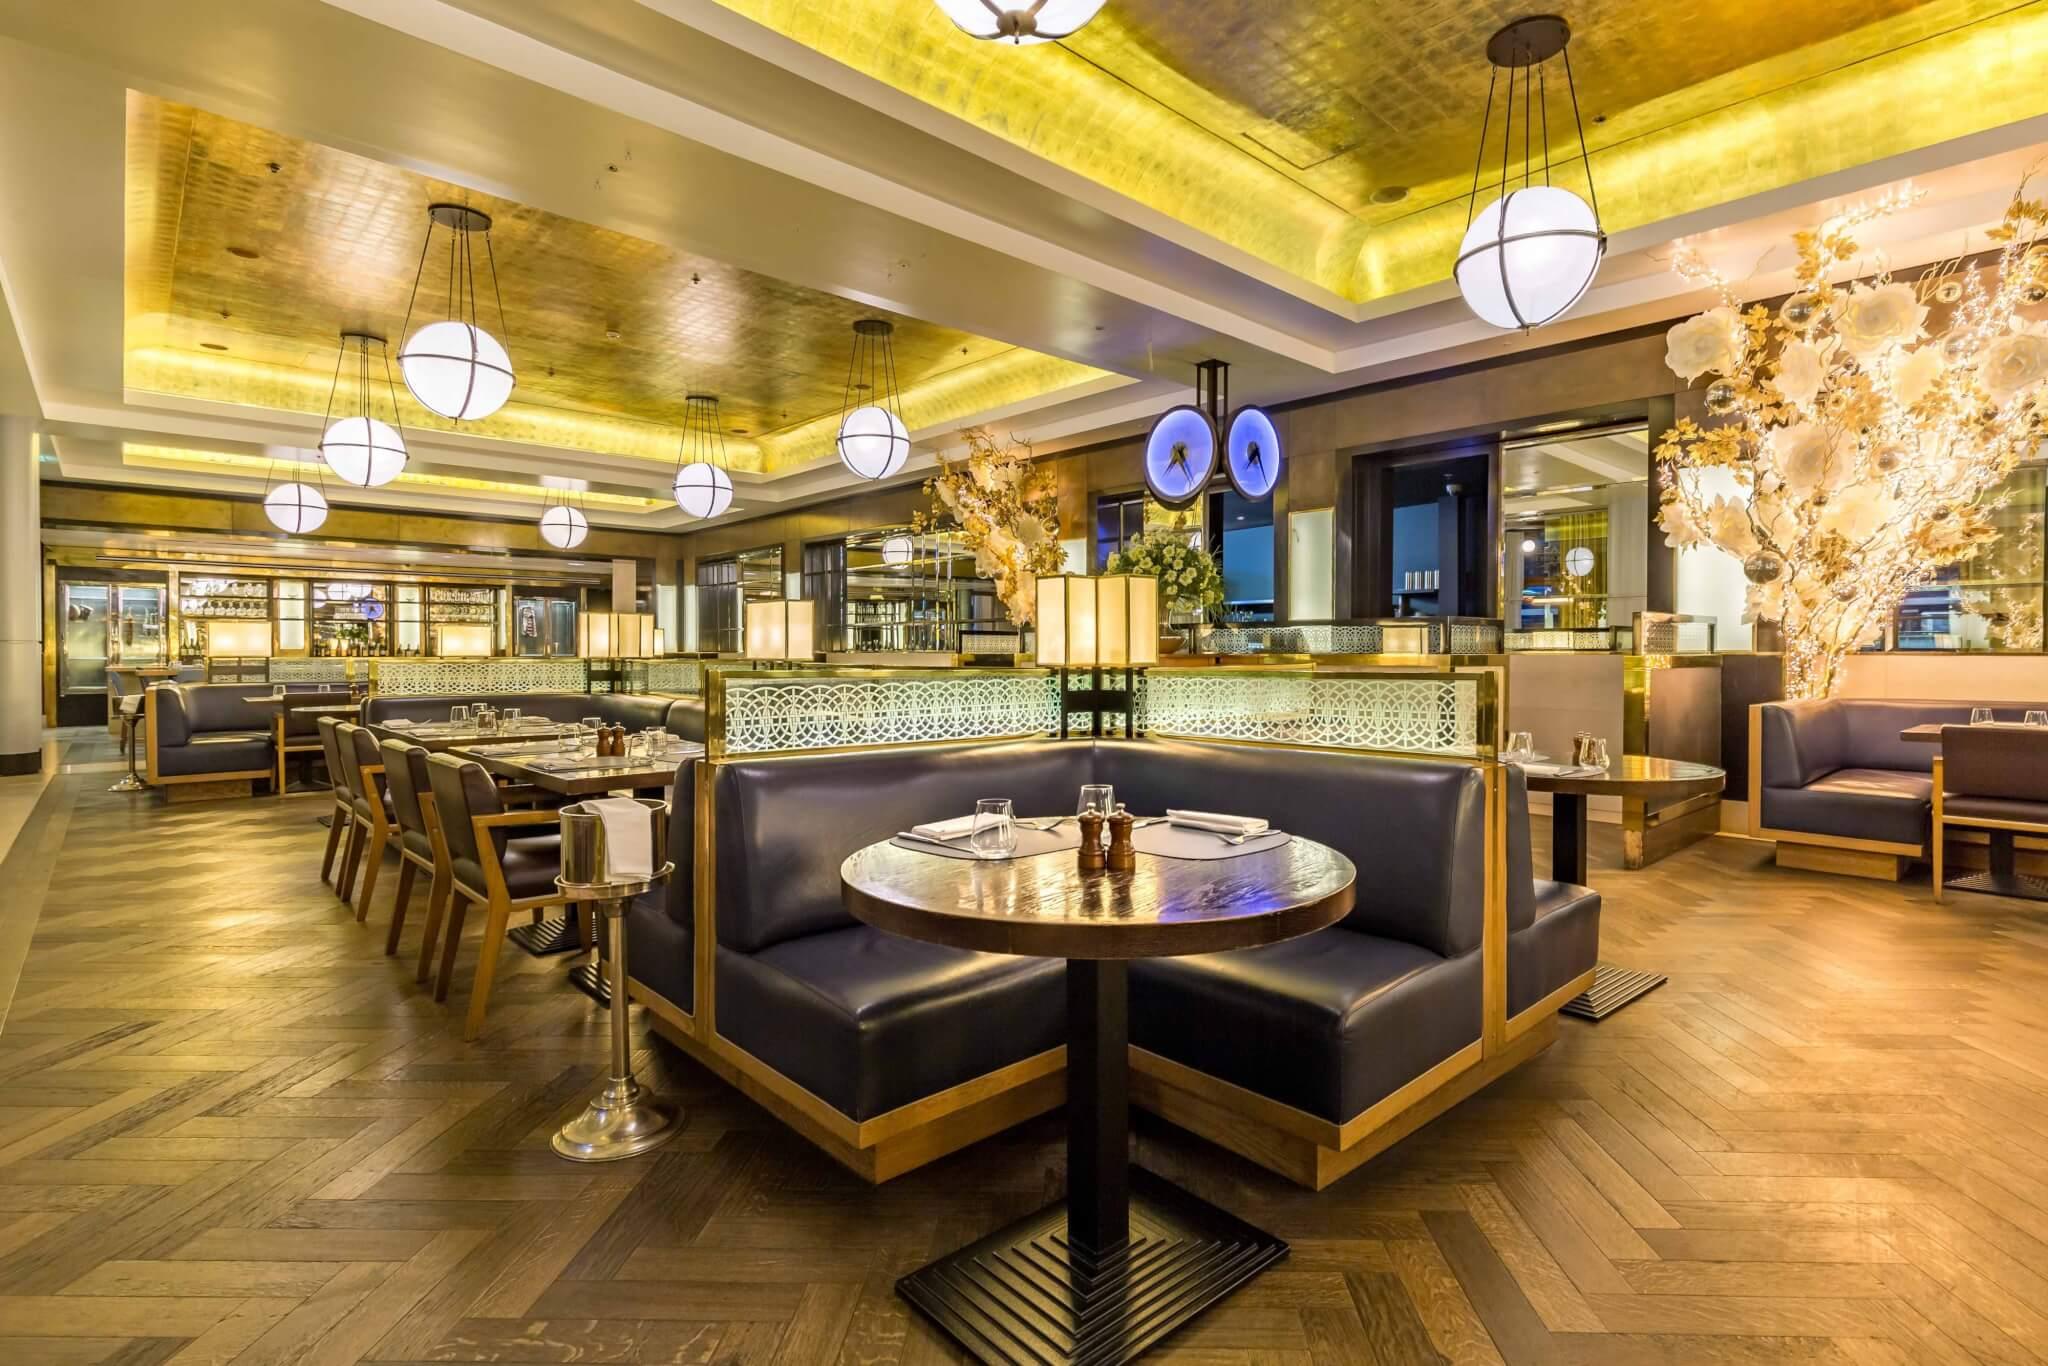 Brasserie - St. Pancras